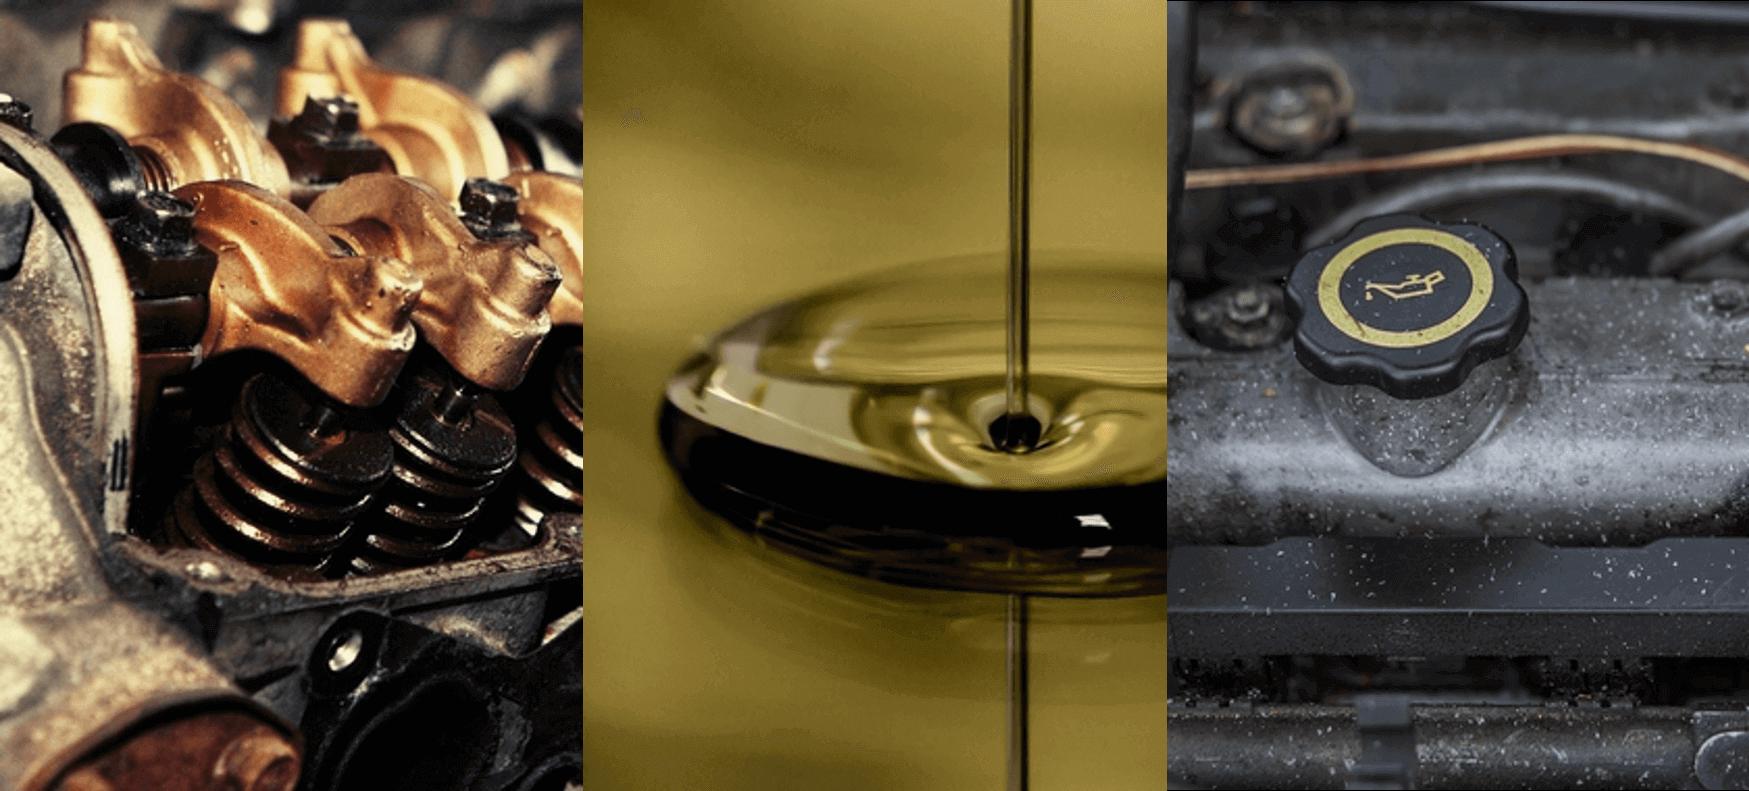 Conductivité thermique de différentes huiles moteur